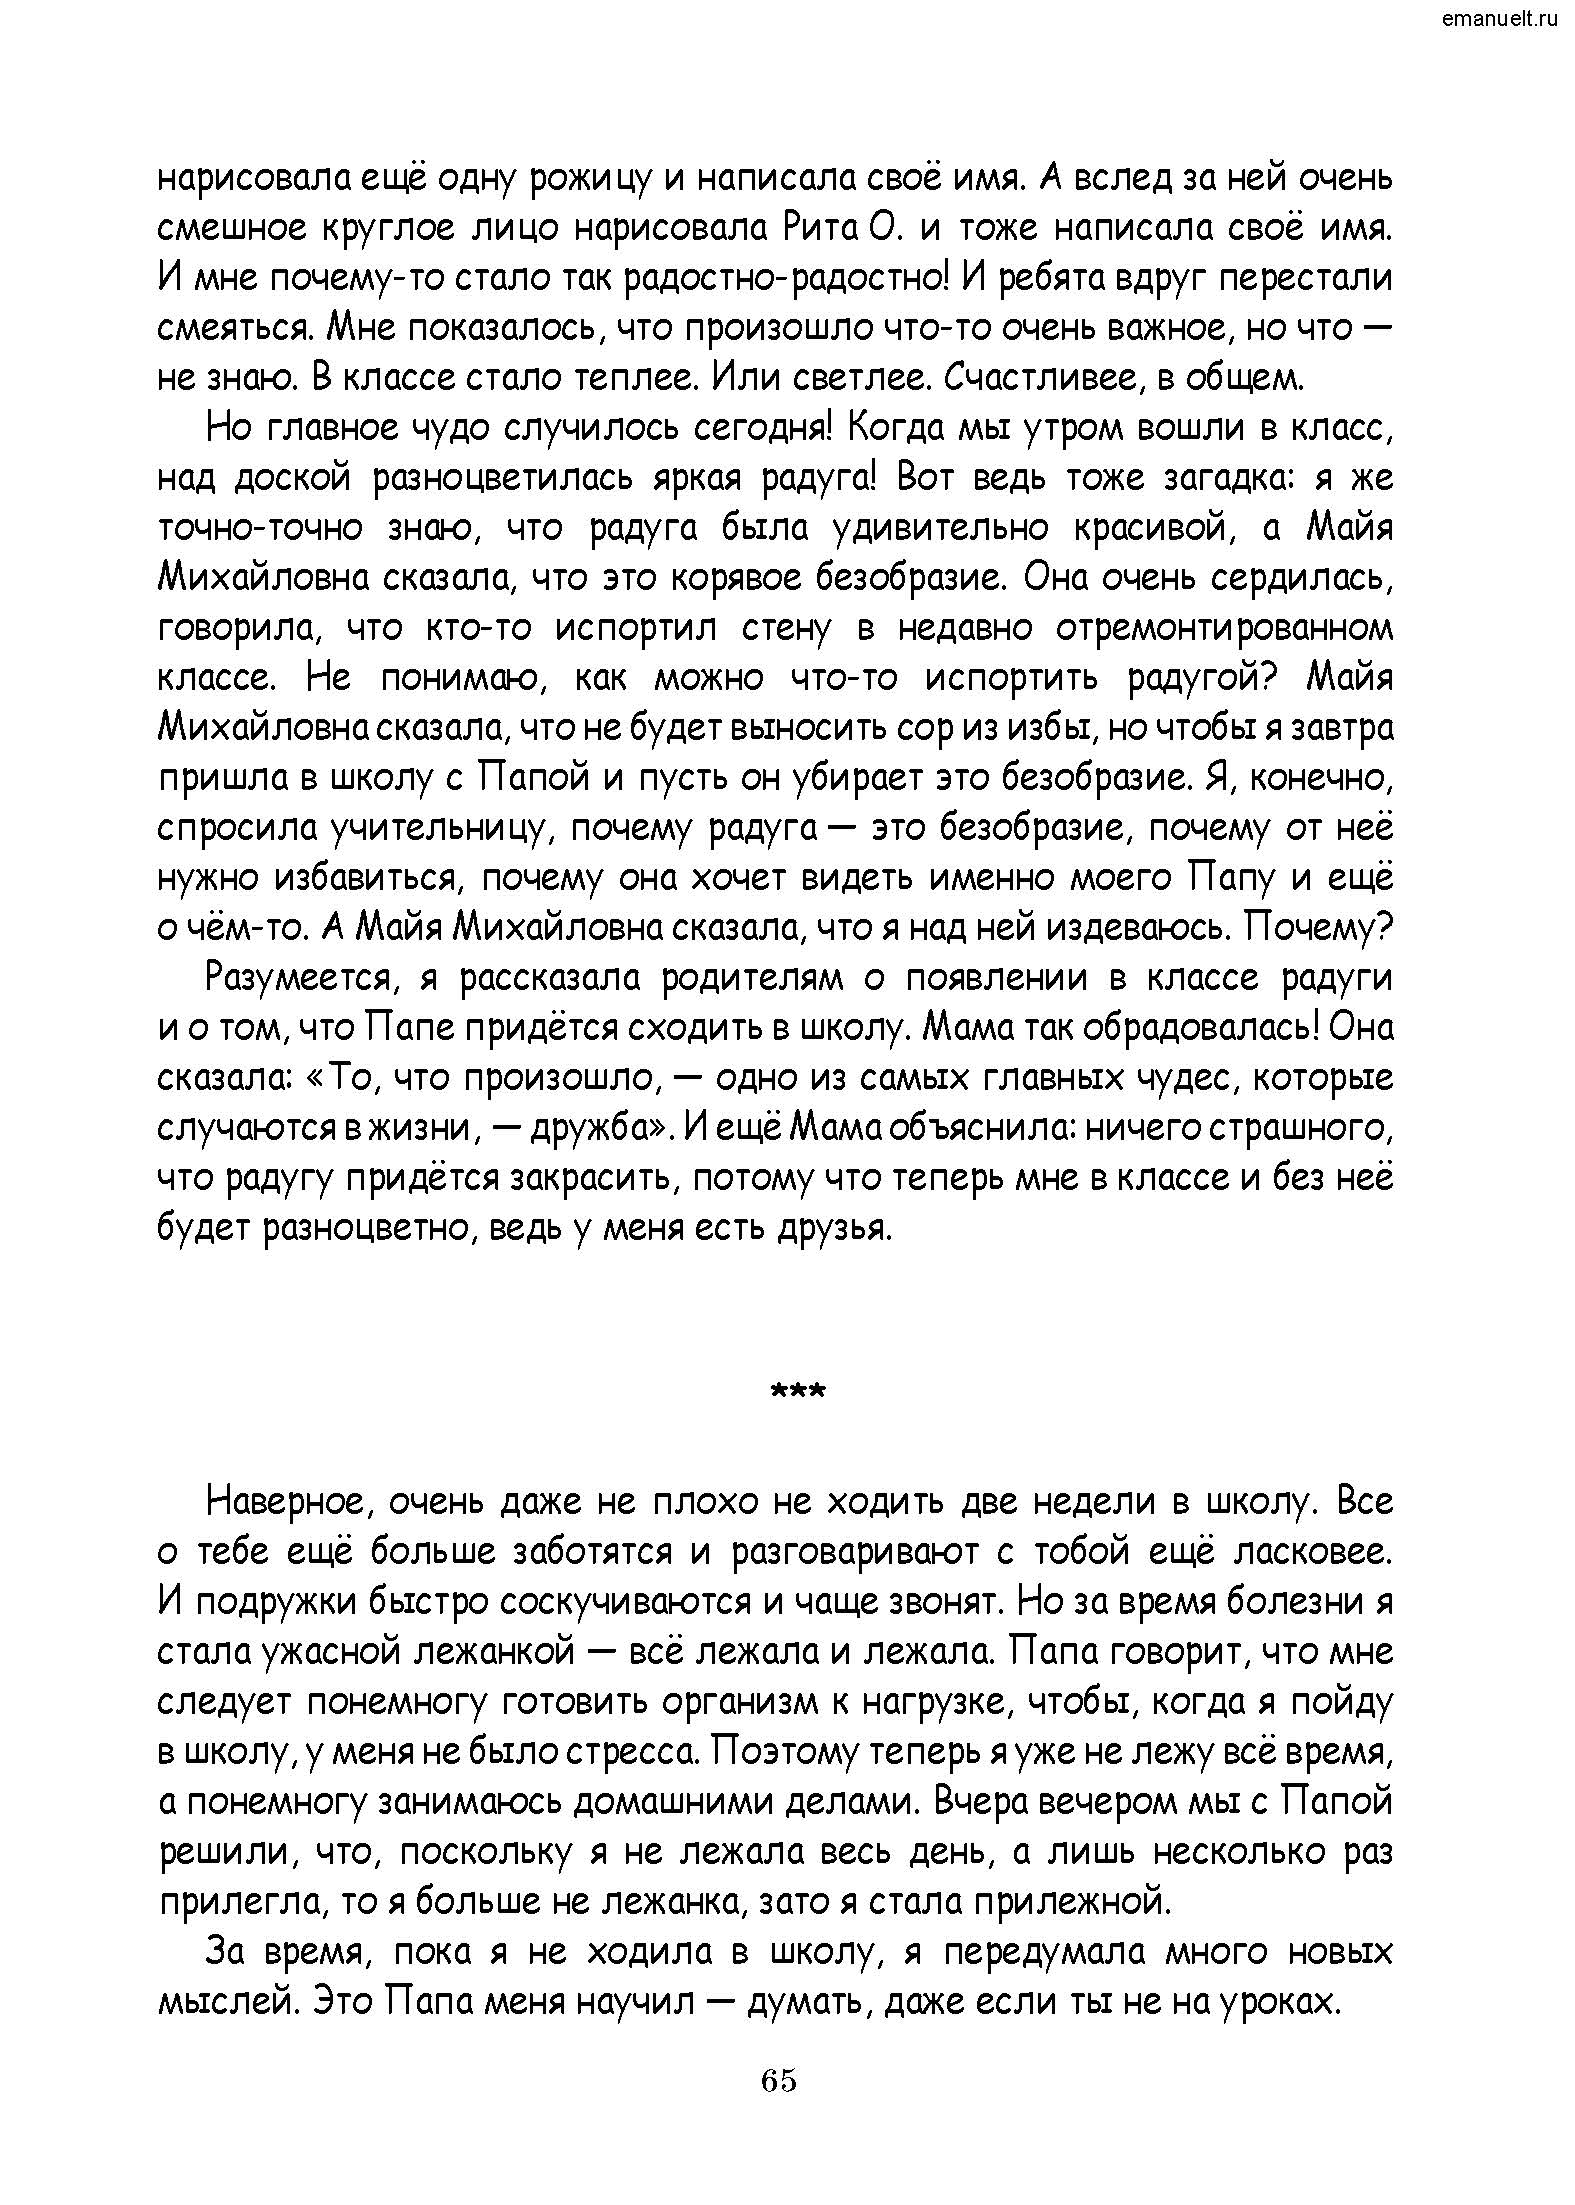 Рассказки в заданиях. emanuelt.ru_Страница_066